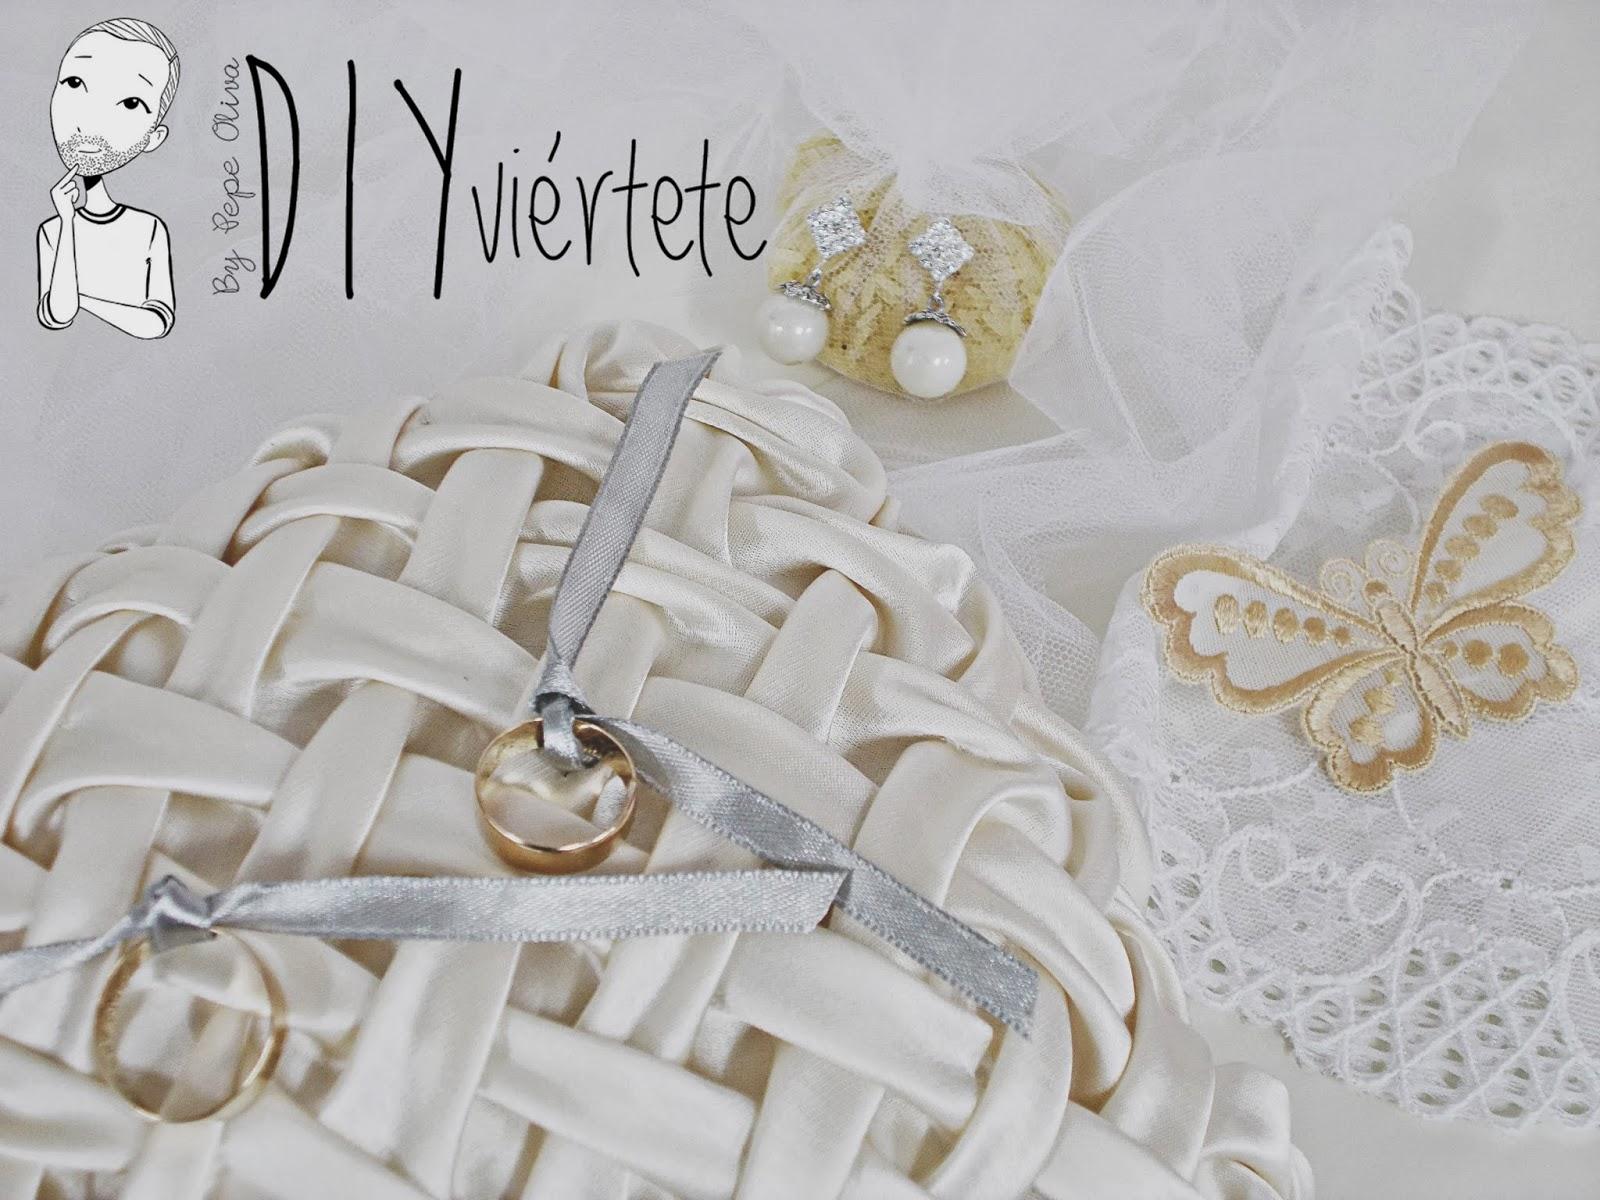 DIY-Costura-cojín-3d-alianzas-boda-enlace-ceremonia-DIYviertete-logo